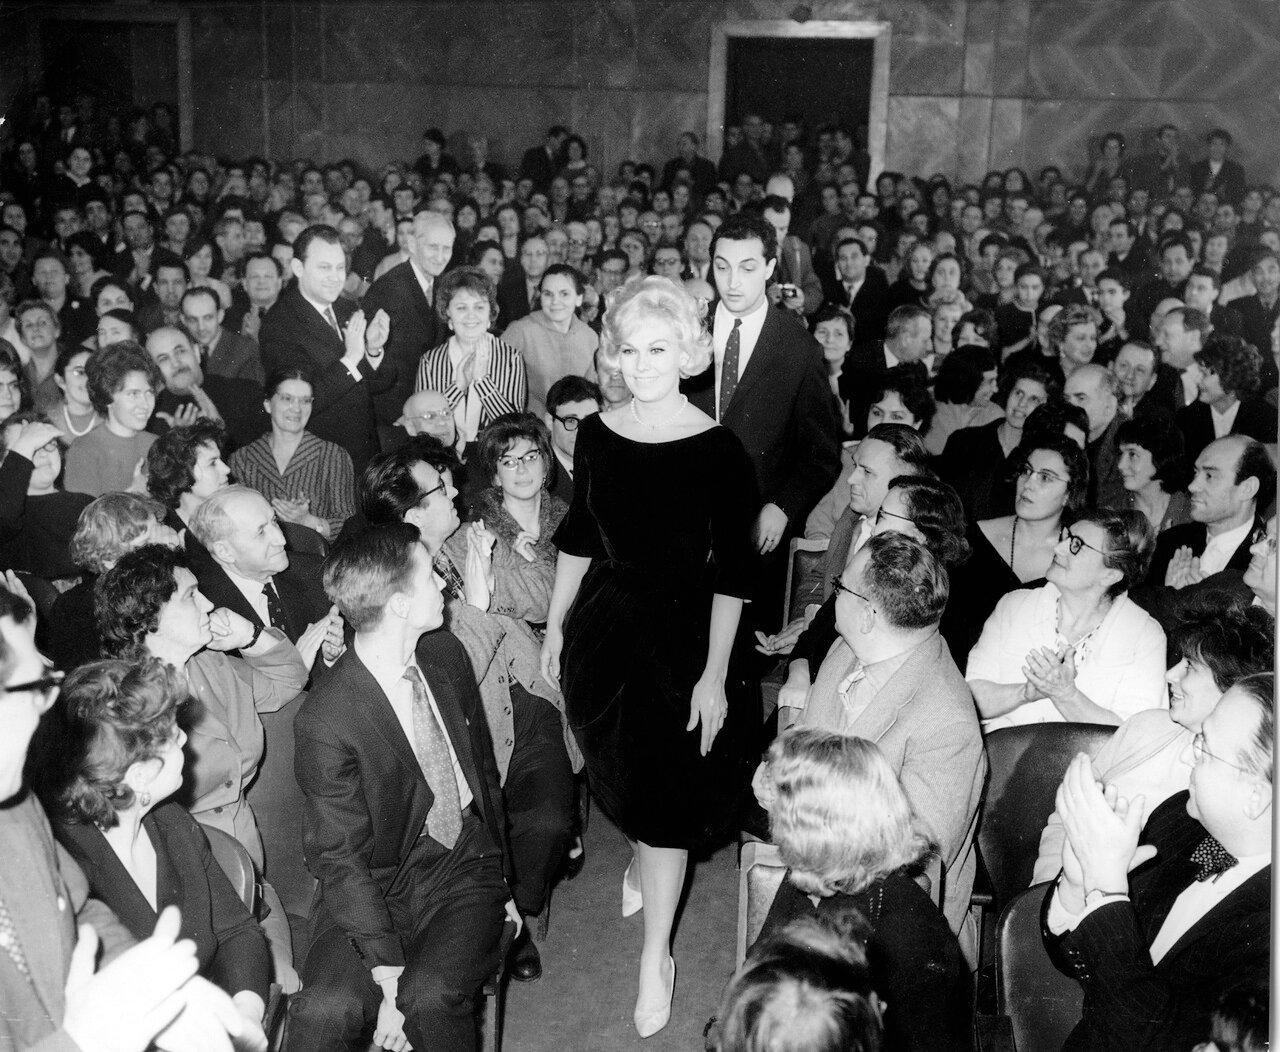 1962. Ким Новак и Михаил Козаков в Москве